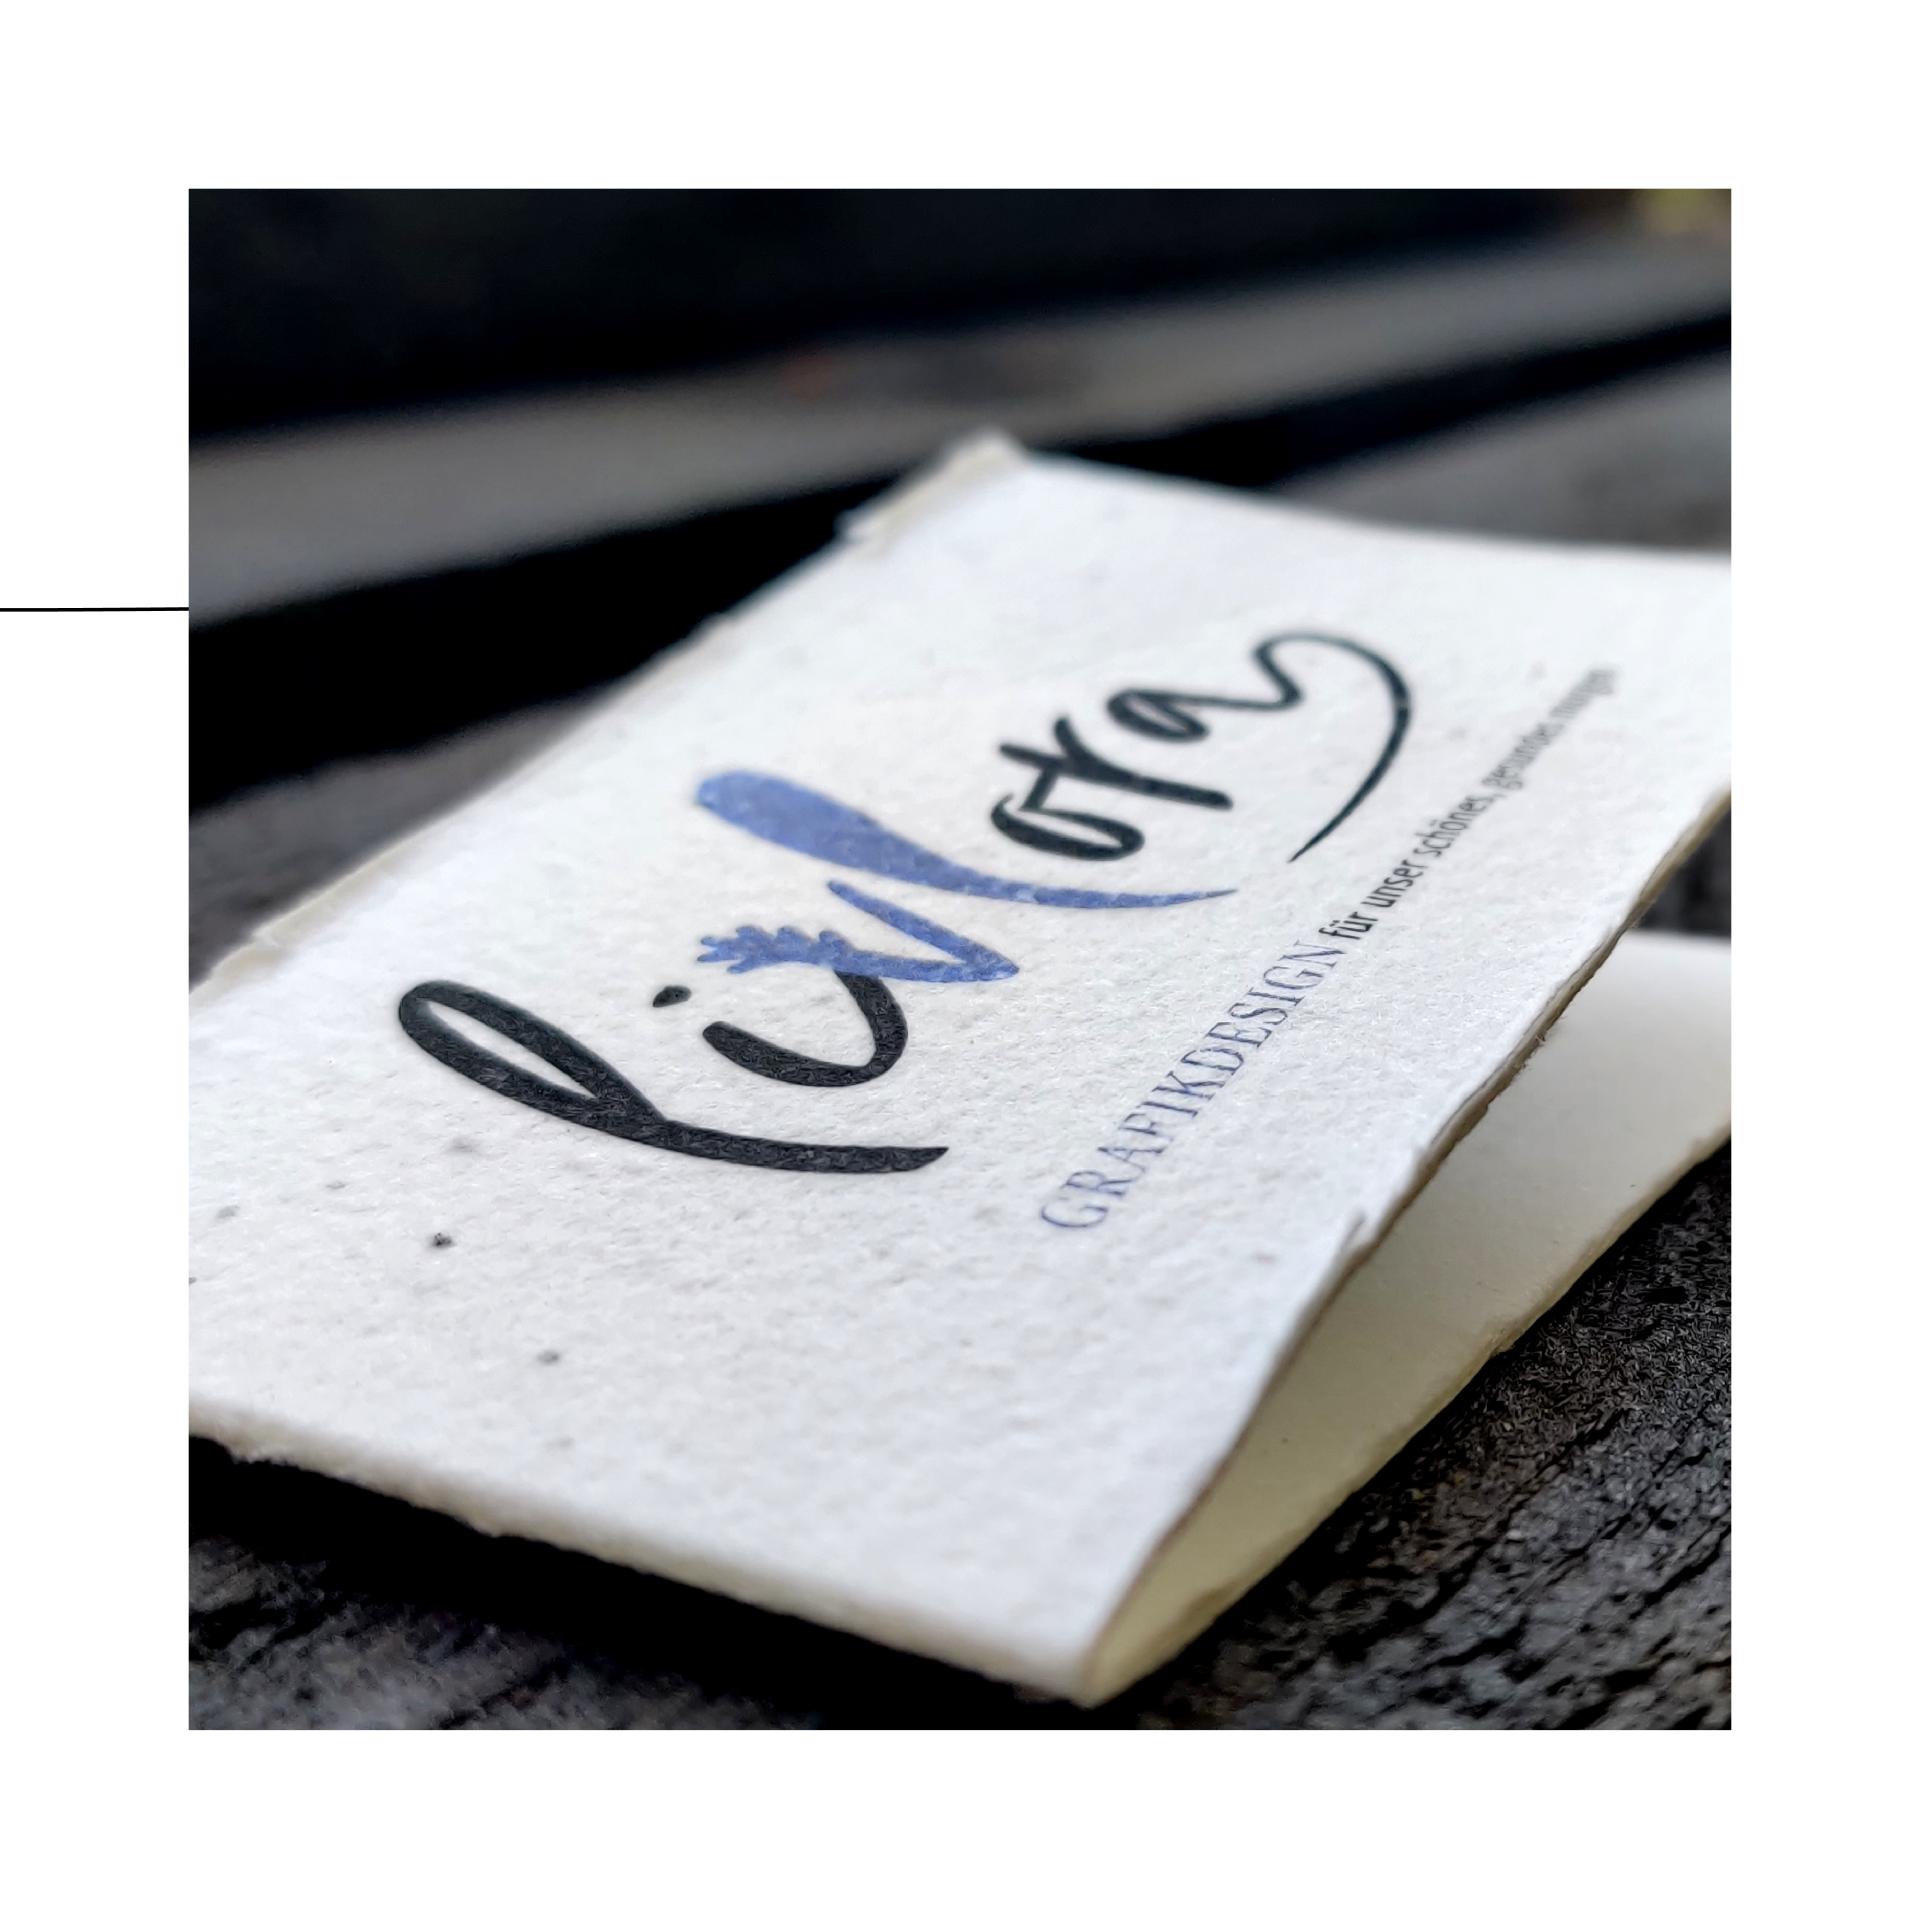 """foto von livlora visitenkarte, zugeklappt. die karte ist aus saat-papier, hat eine raue oberfläche & ausgefranste kanten. zu sehen ist das logo """"livlora"""" & darunter der text: """"grafikdesign für unser schönes, gesundes morgen"""""""